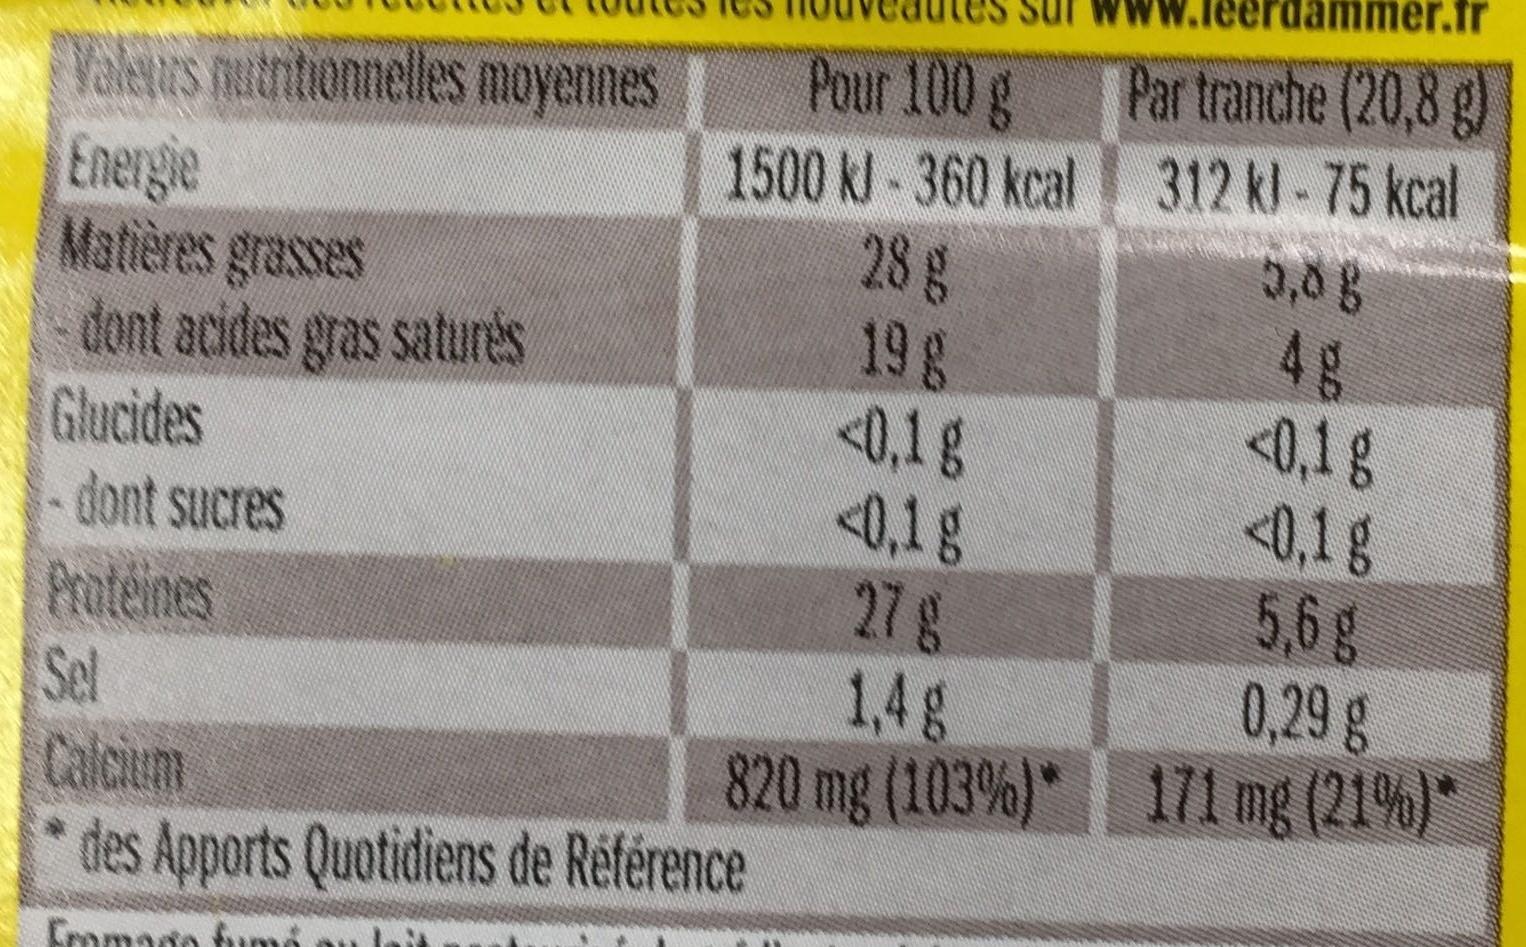 Spécial pour vos Raclettes Fumé - Informations nutritionnelles